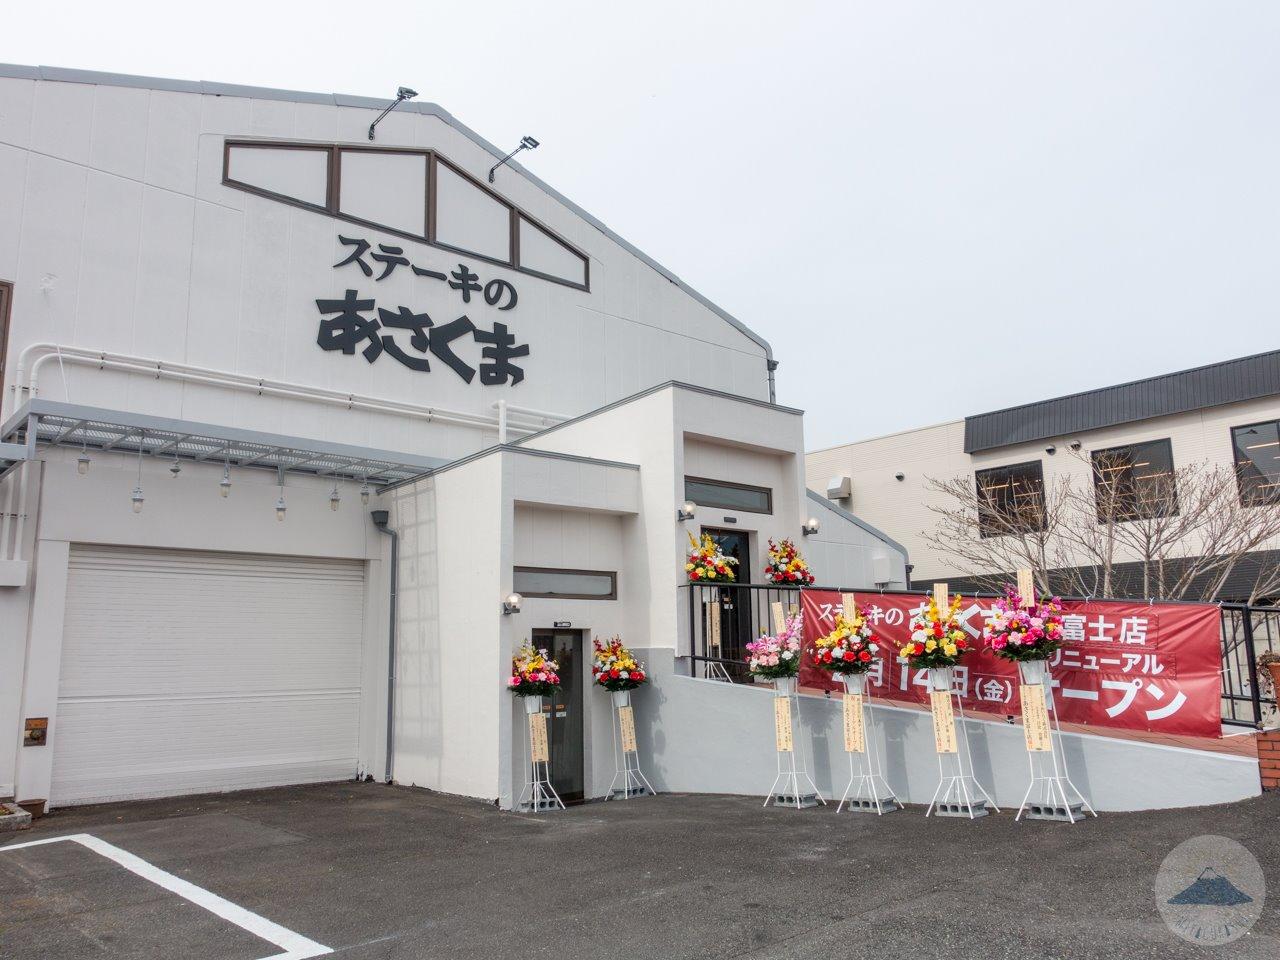 ステーキのあさくま富士店の外観